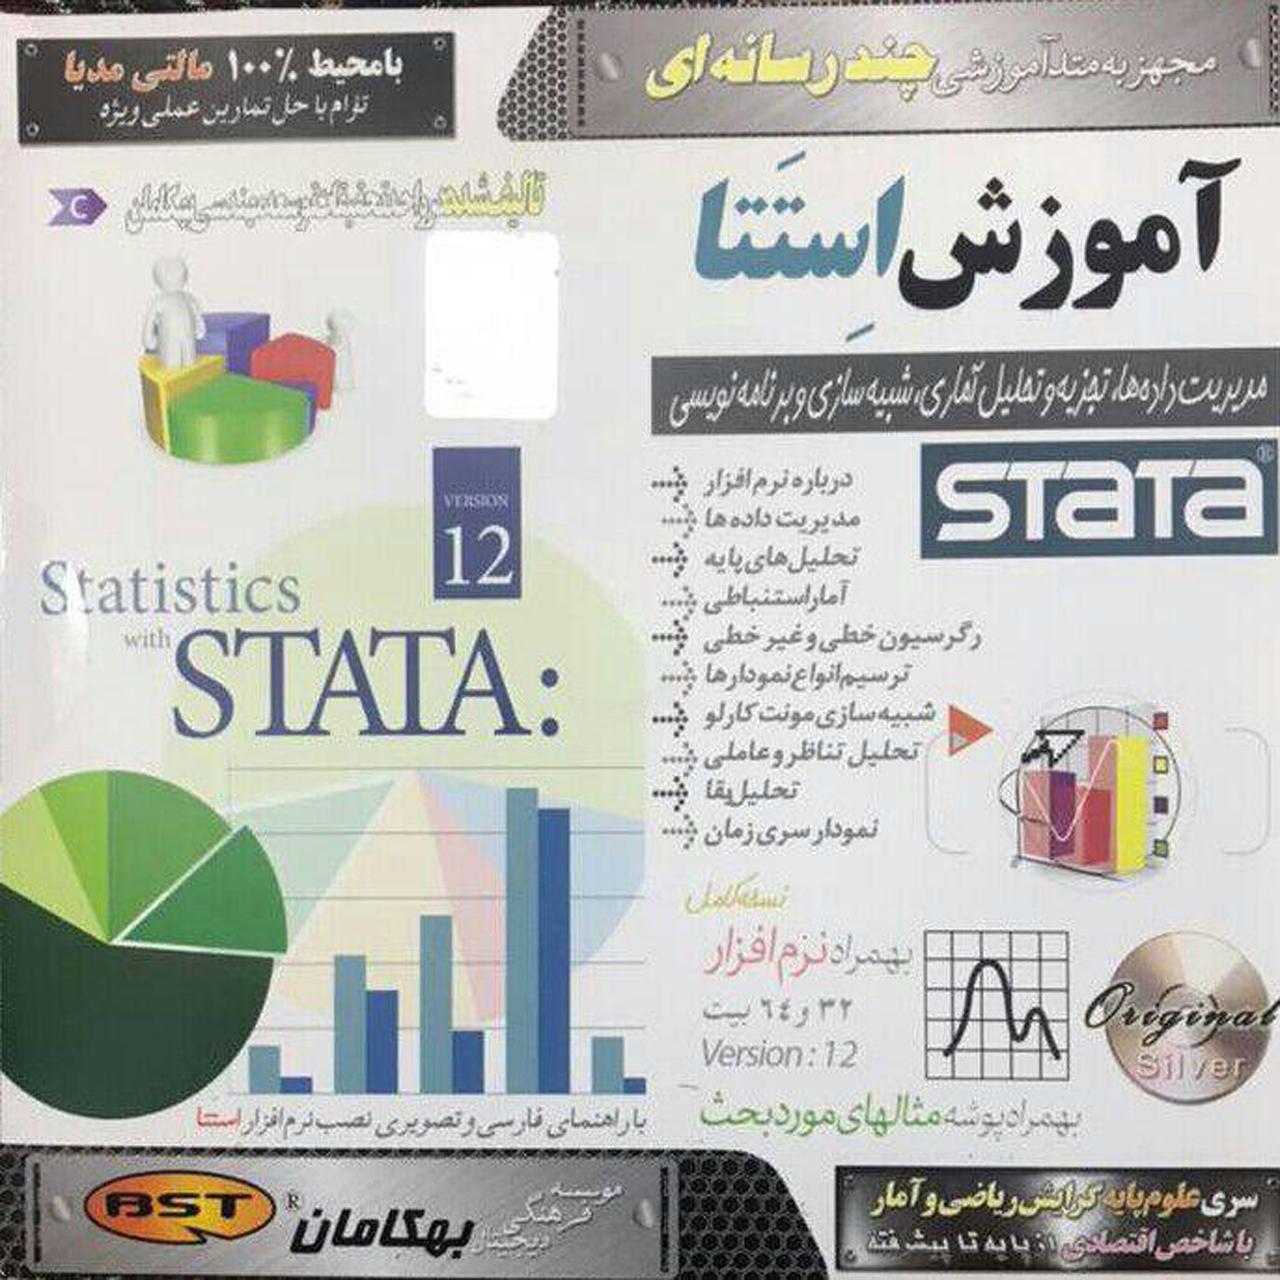 آموزش stata مدیریت داده ها وتحلیل آماری نشر بهکامان